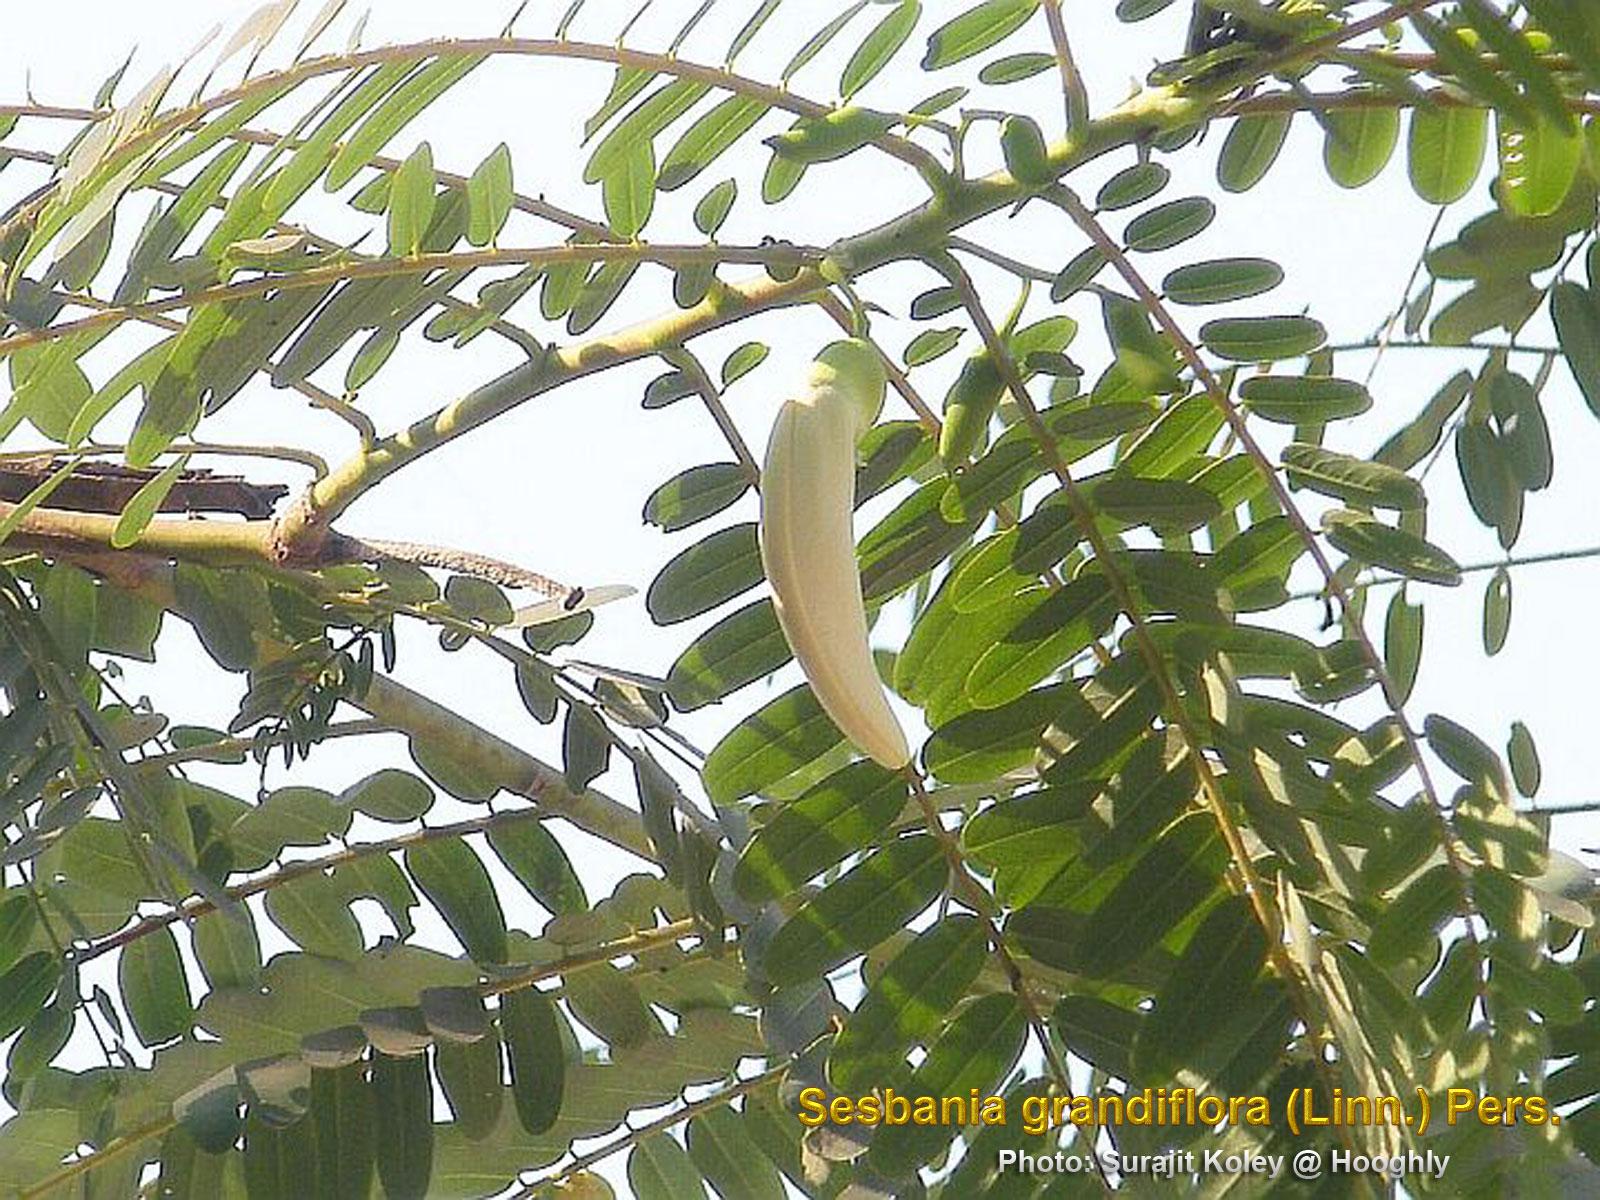 Medicinal plants sesbania grandiflora agasthi agatti bok ful bunga turi so dua uses with 85 published articles ccuart Choice Image